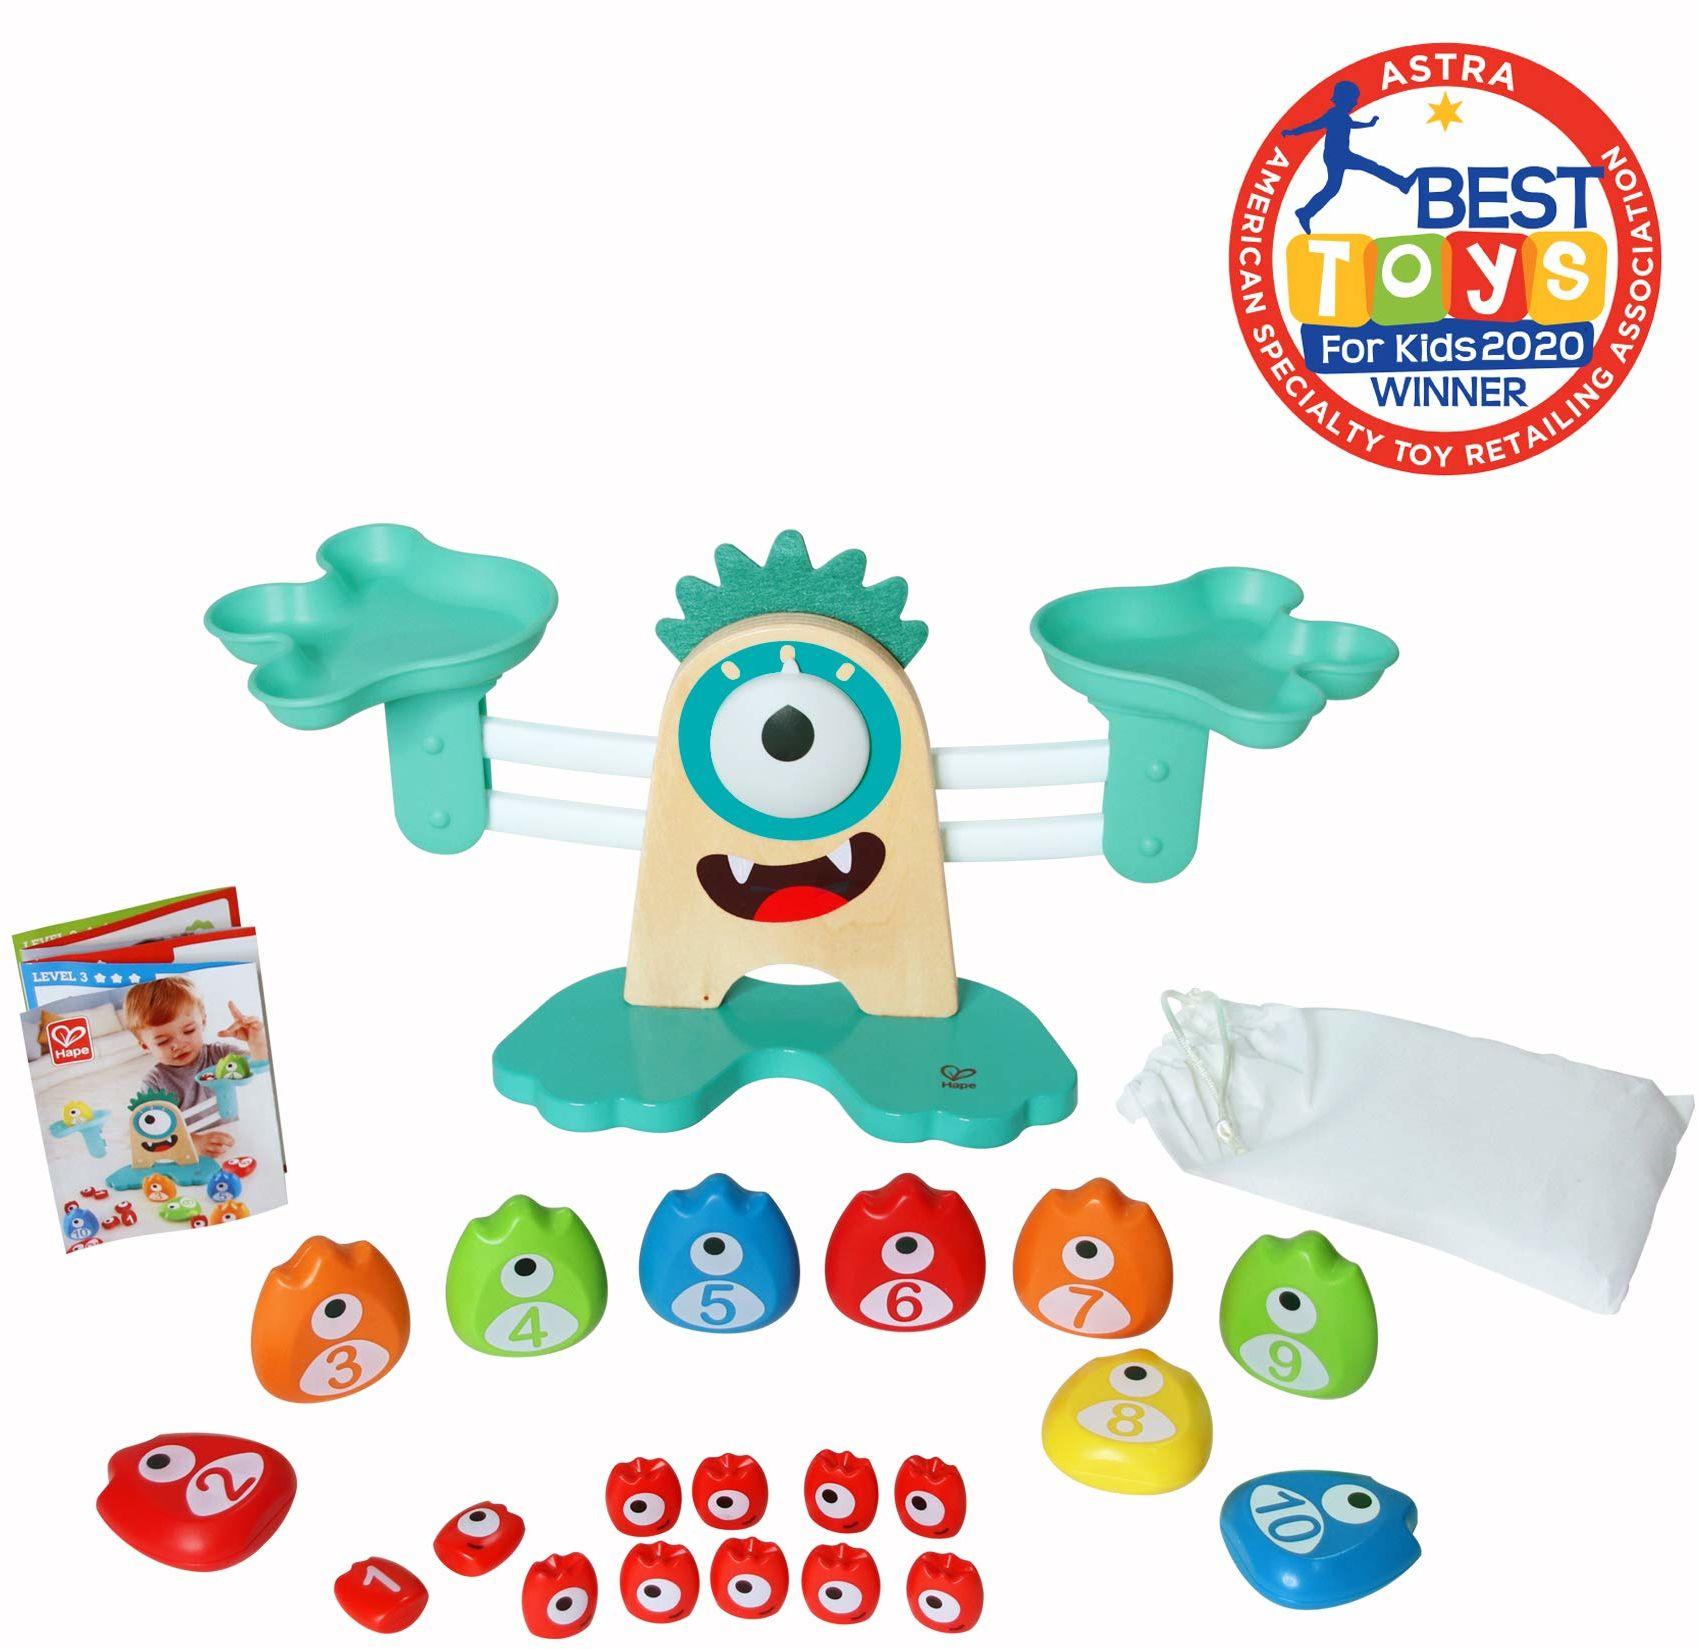 Hape E0511 waga matematyczna potwór  kolorowa, edukacyjna drewniana zabawka